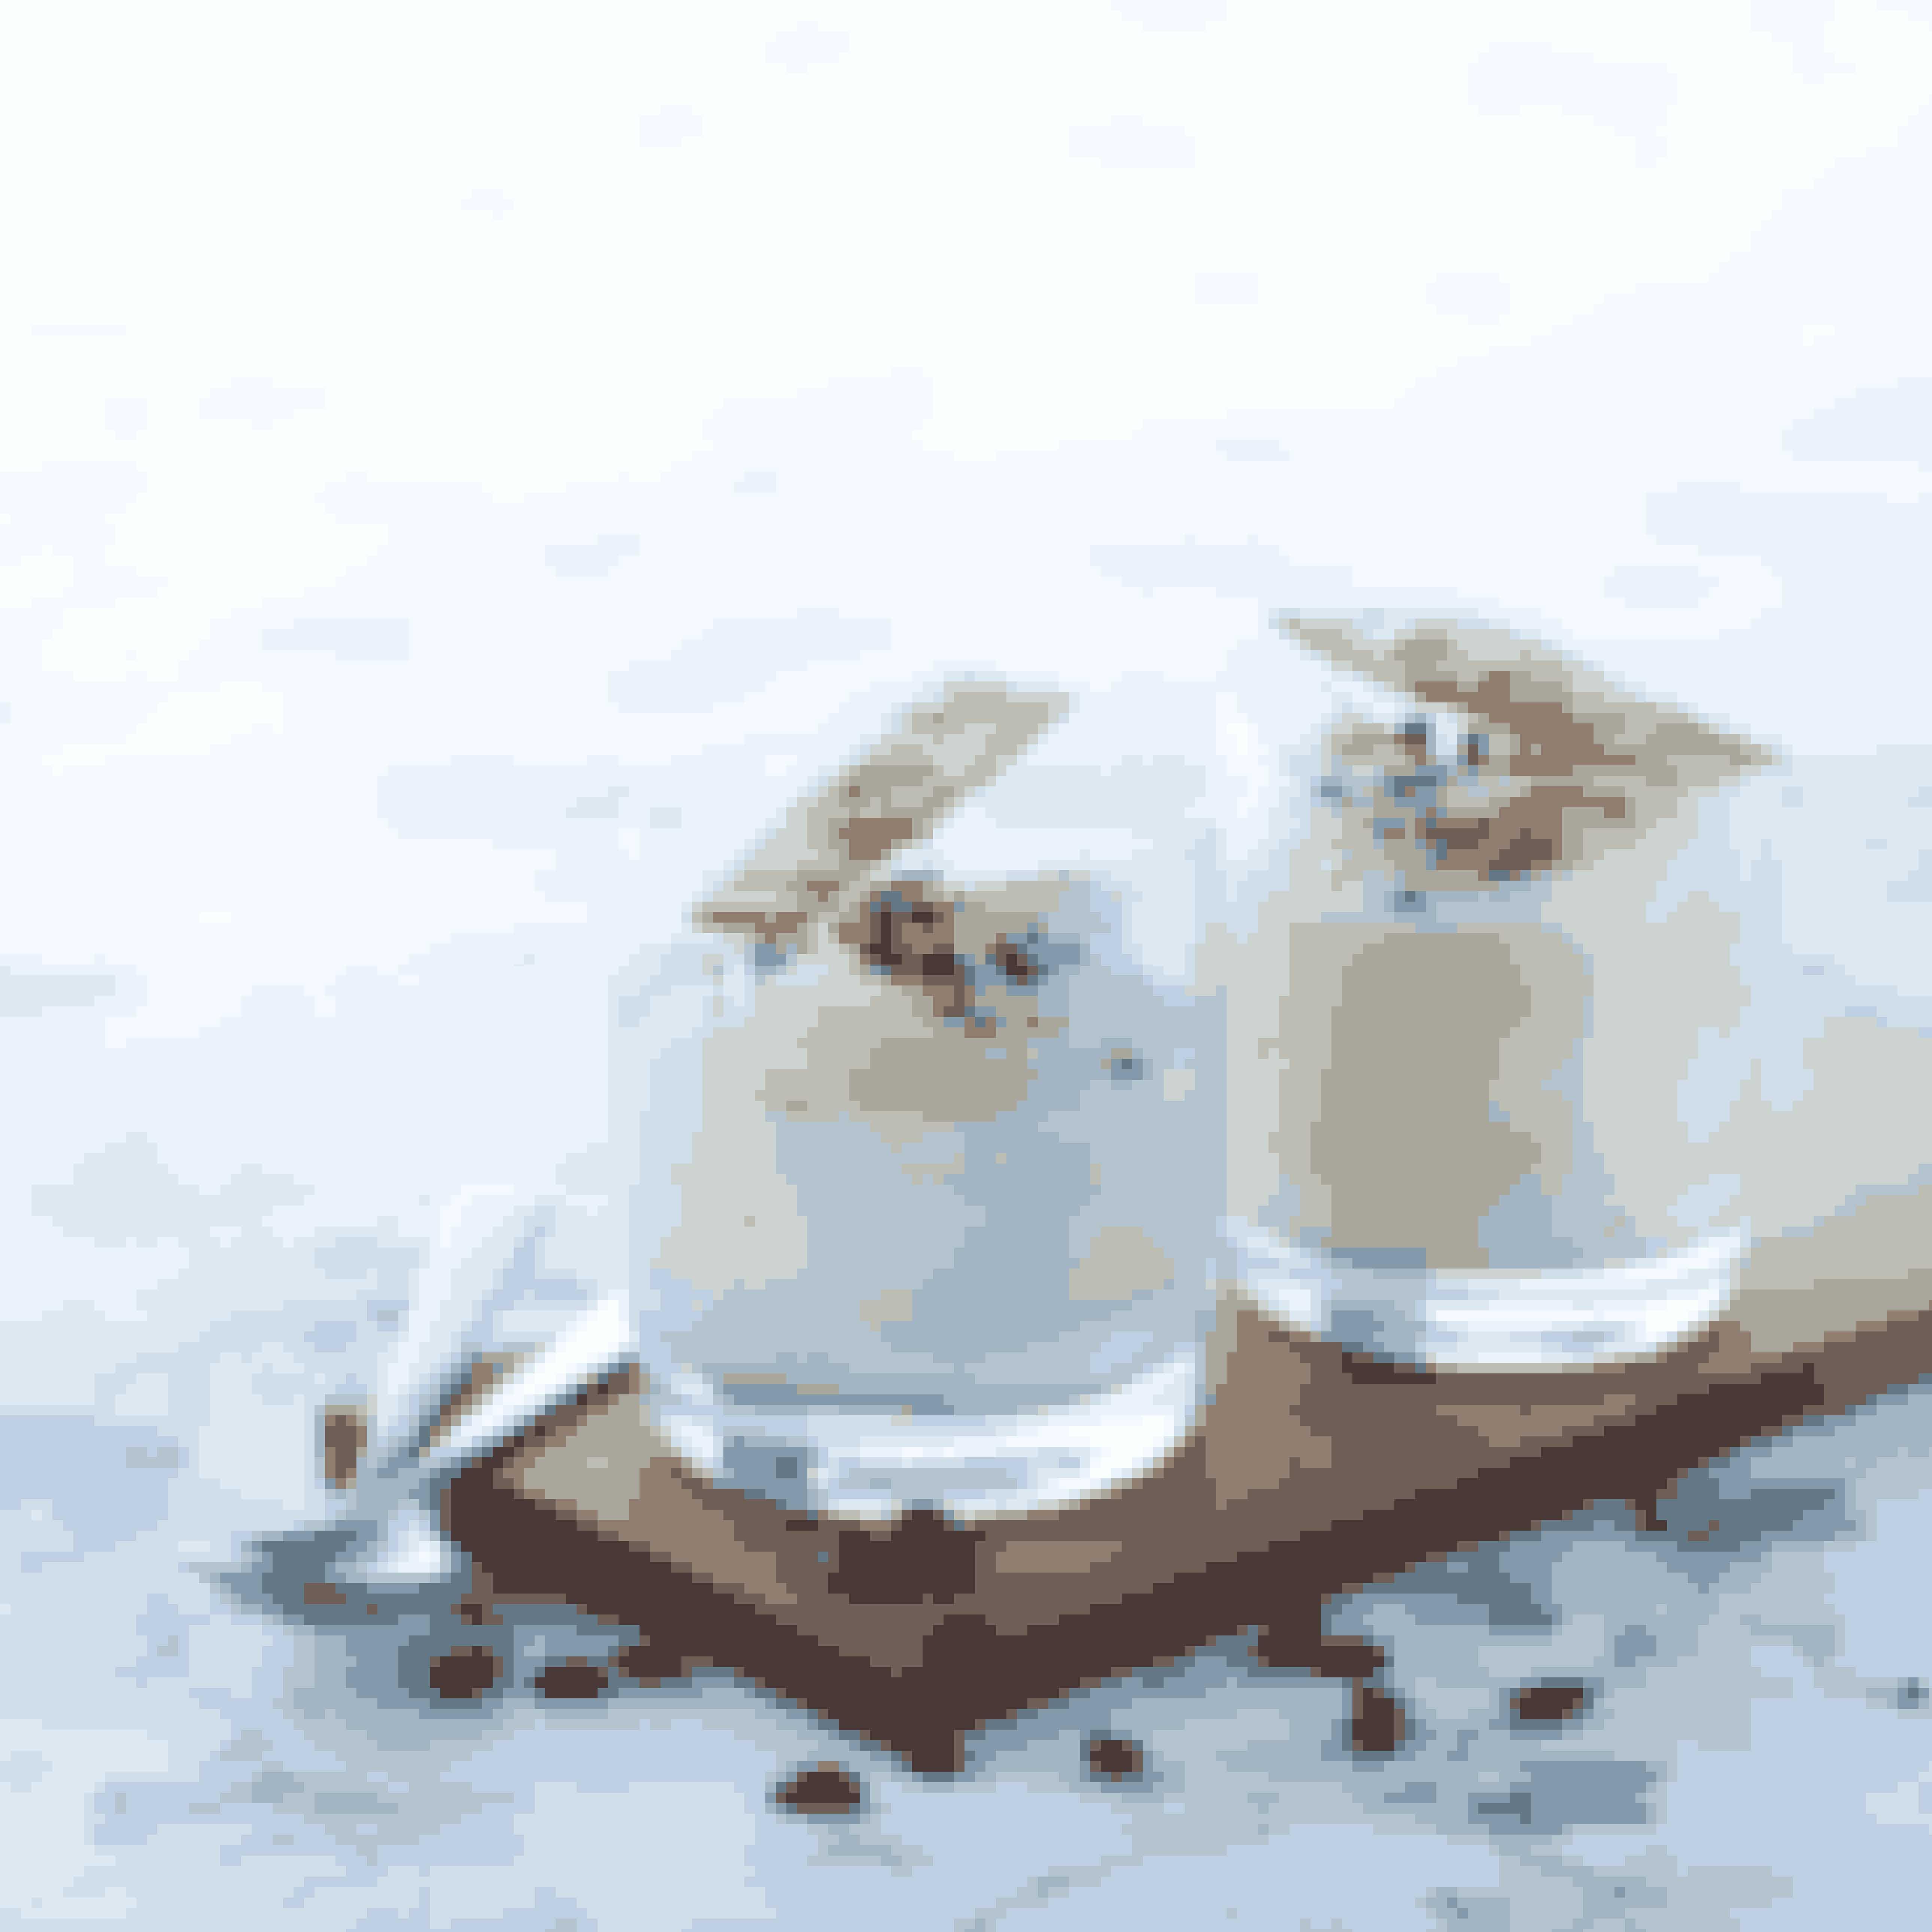 Antal: 4-6 personer.Det skal du bruge for at lave parfait med kaffe og sprøde kiks½ l piskefløde8 pasteuriserede æggeblommer120 g flormeliskorn af 1 god vaniljestang½ dl meget stærk kaffePYNT:10 knuste kaffebønnerSPRØDE KIKS:20 g flormelis20 g blødt smør25 g hvedemel½ æggehvidePYNT:25 g mandelflagerSådan laver du parfait med kaffe og sprøde kiksPisk fløden til skum, og sæt til side.Pisk æggeblommerne helt lyse og luftige med flormelis og vaniljekorn – det tager ca. 6 minutter med en elpisker.Hæld kaffen i, og rør godt.Vend lidt af flødeskummet i æggemassen, og vend så blandingen i resten af flødeskummet til en ensartet, luftig creme.Fordel cremen i små glas, og luk dem til med husholdningsfilm.Frys dem i mindst 4 timer – gerne natten over.Sprøde kiks: Rør flormelis med det bløde smør; tilsæt hvedemelet, og vend forsigtigt æggehviden i lidt efter lidt, til dejen er glat og let tyk. Smør dejen ud helt tyndt på bagepapir på en bageplade, brug evt. en skabelon (f.eks. et fladt plastiklåg, hvor du skærer den ønskede form ud). Drys med mandelflager.Bag de små kager midt i ovnen ved 165° i 2-4 minutter. Tag forsigtigt de færdigbagte kager af bagepladen, og lad dem afkøle på en rist.Drys isen med kaffebønner, og servér kagerne til.